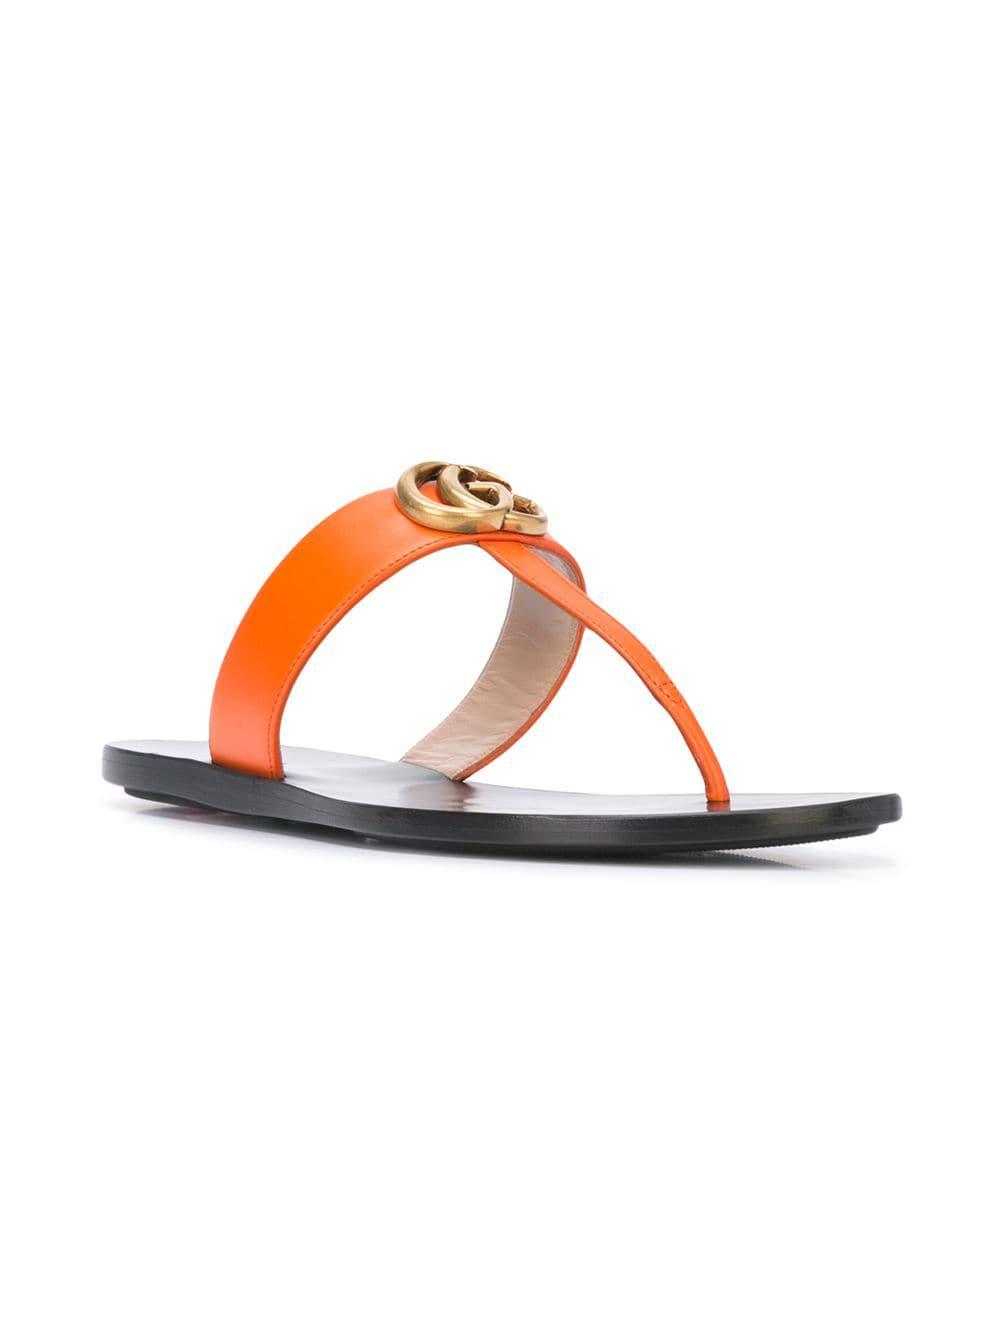 4046f3b2557bc0 Gucci T-strap Sandals in Yellow - Lyst